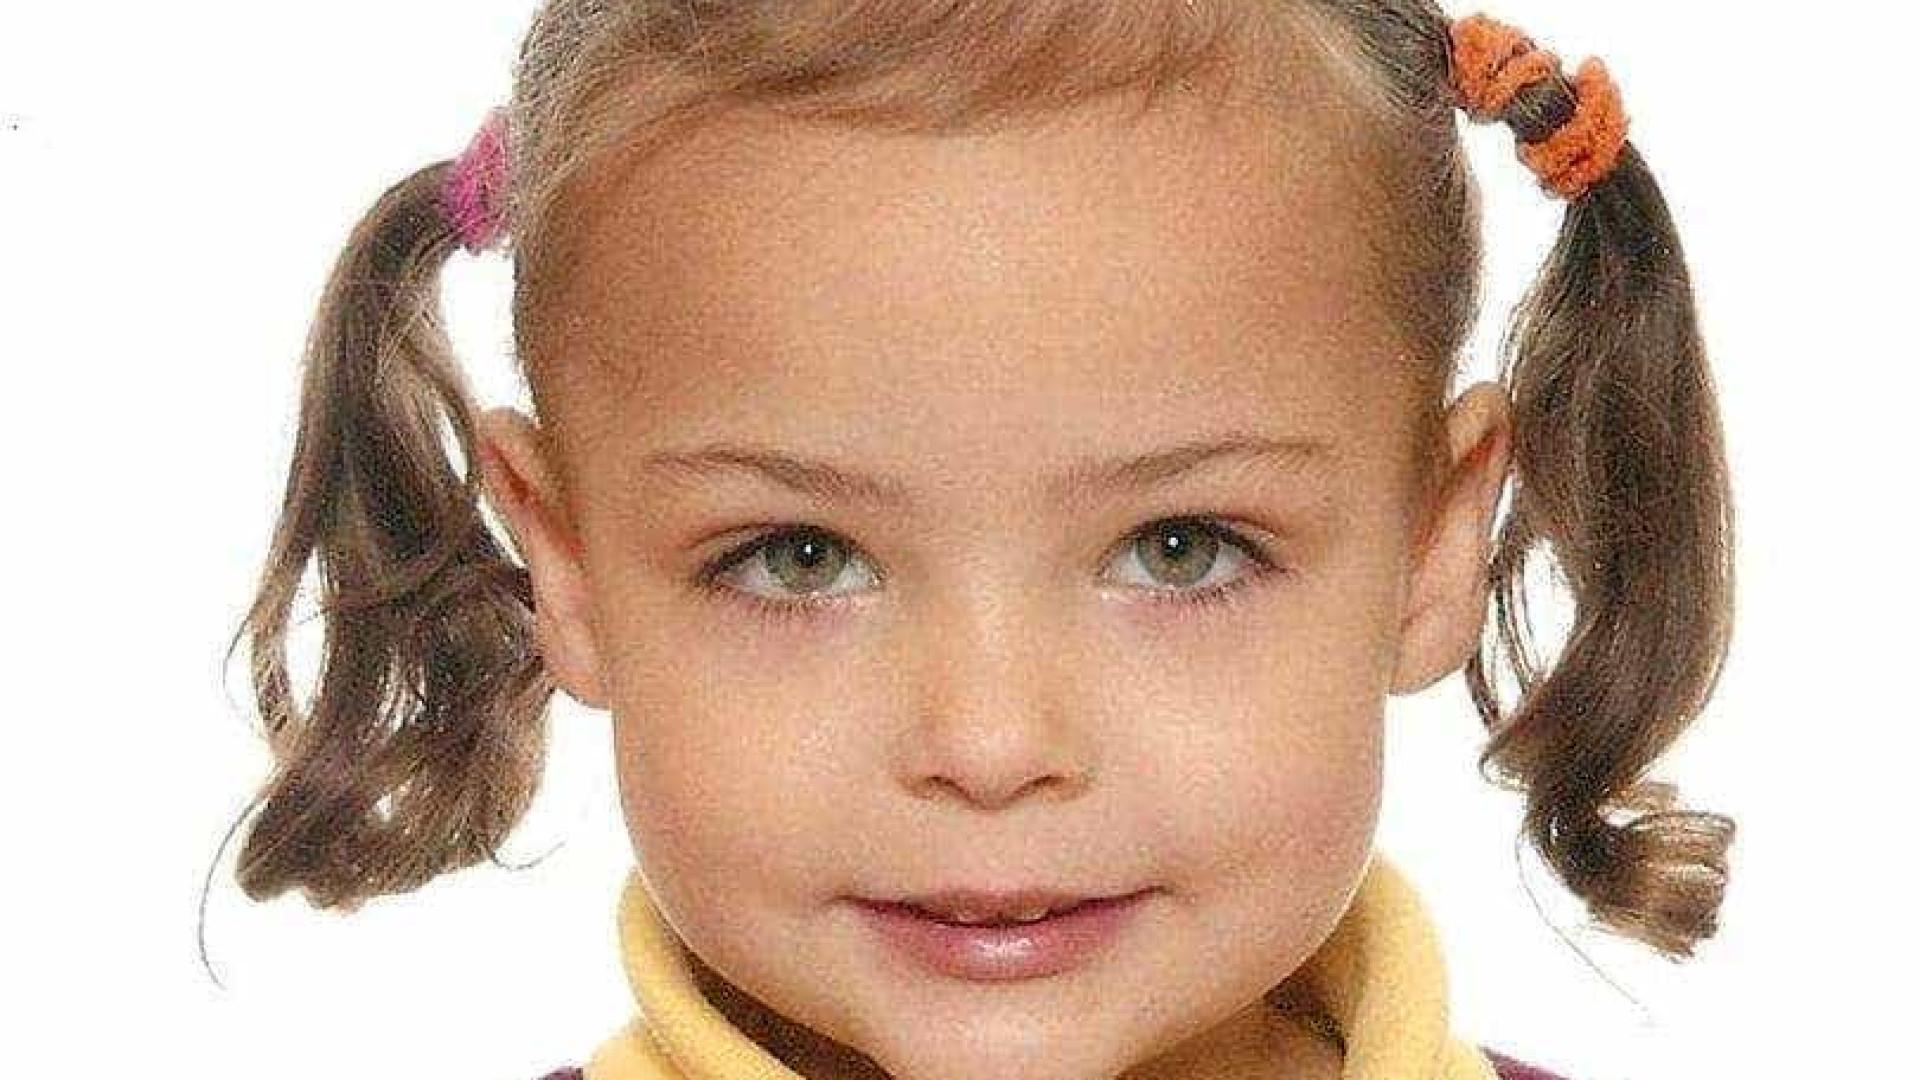 Mãe confessa ter drogado filha de quatro anos, que acabou por morrer